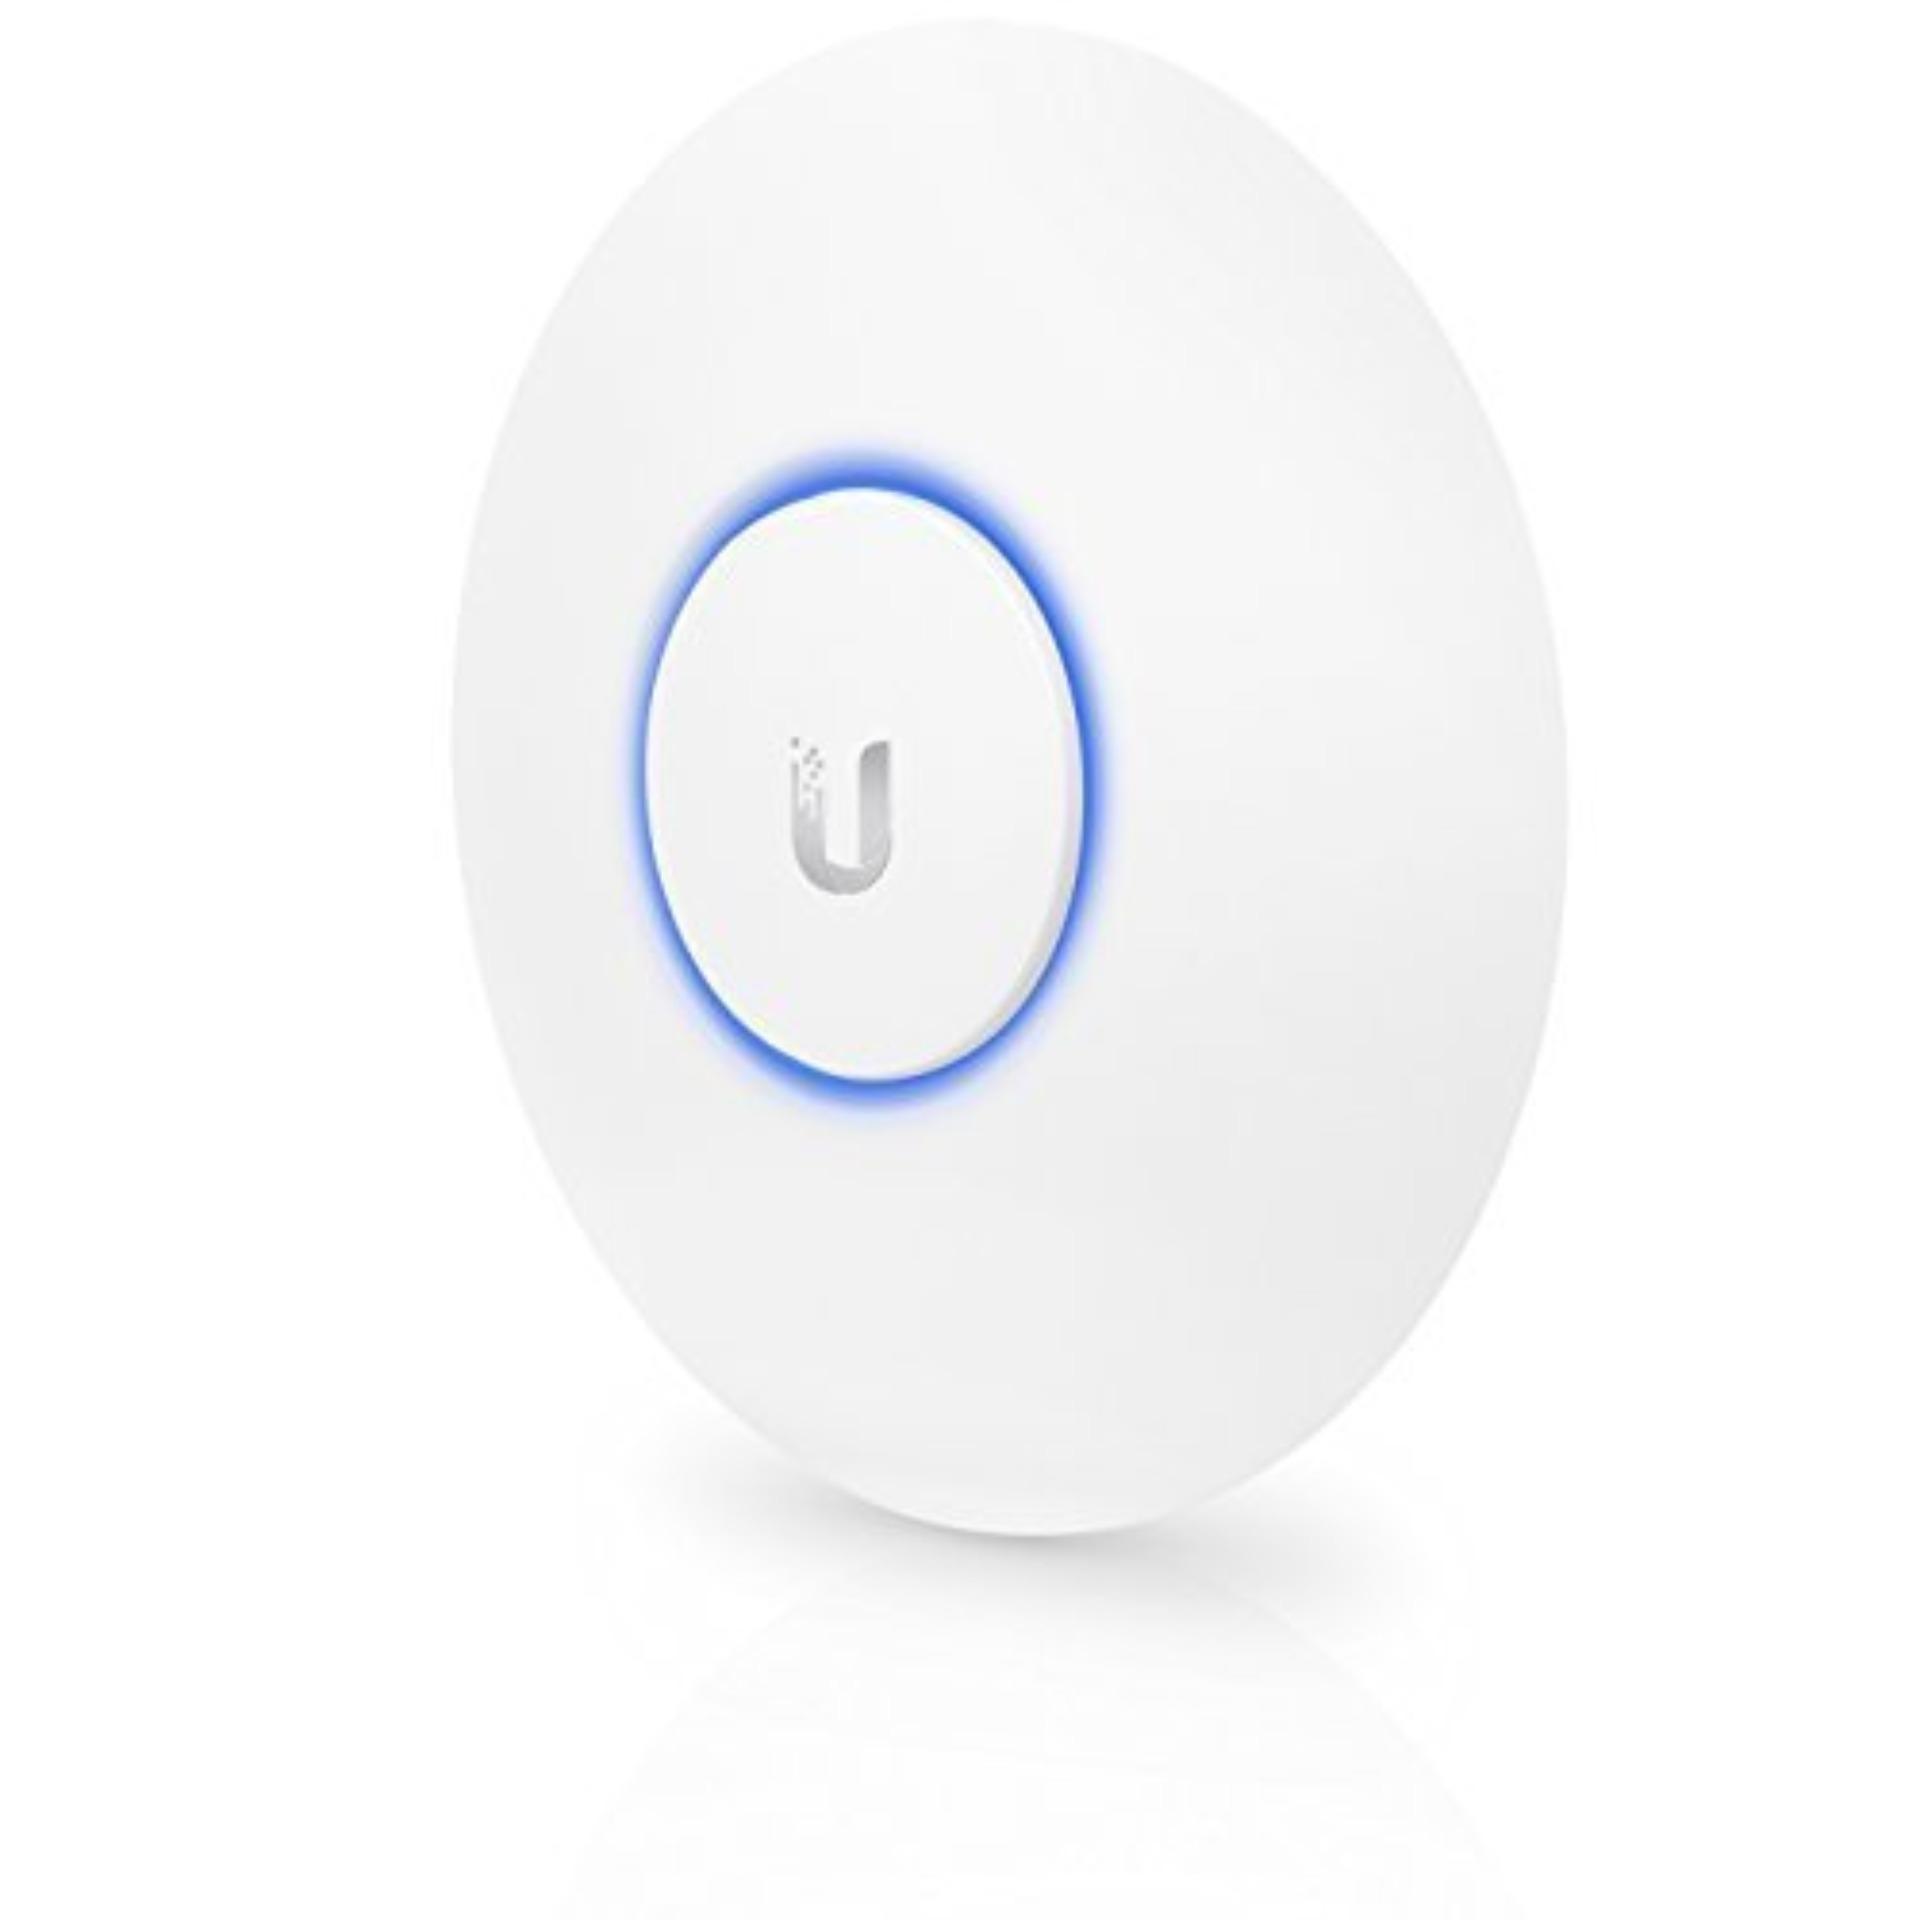 Bộ Phát Sóng Wifi Ubiquiti Unifi Ap Ac Hd